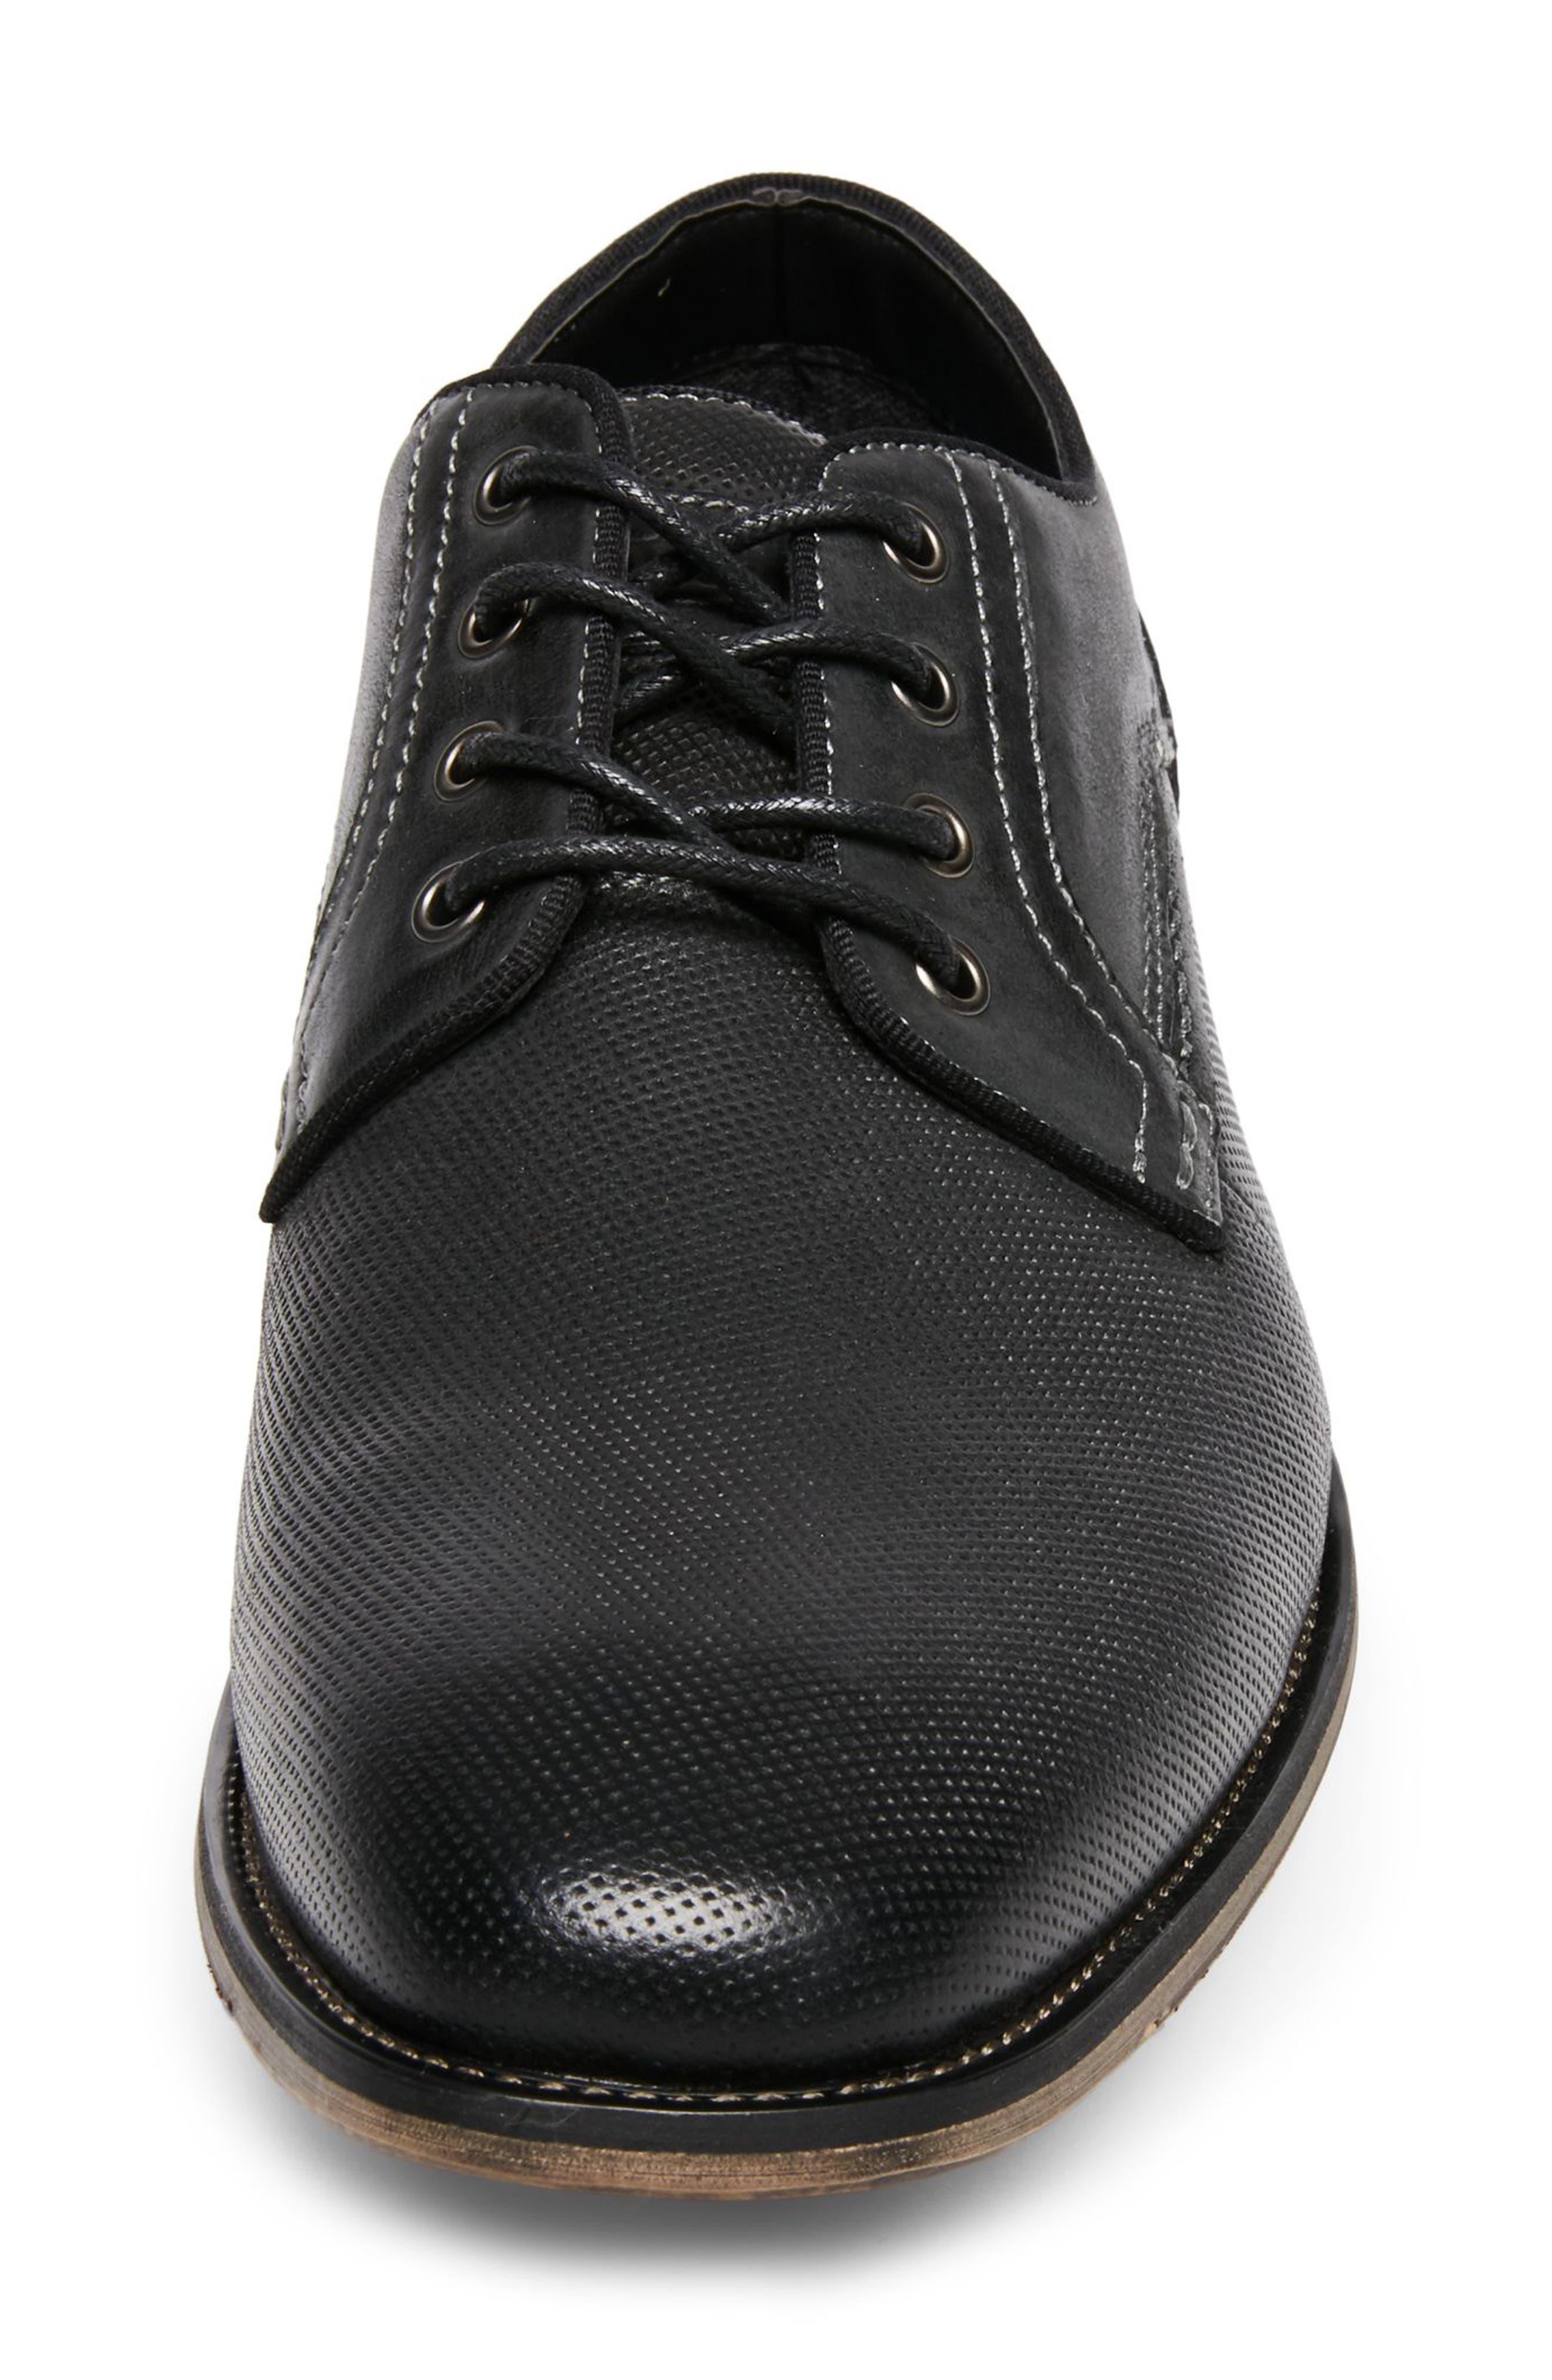 Jaysun Embossed Plain Toe Derby,                             Alternate thumbnail 4, color,                             074